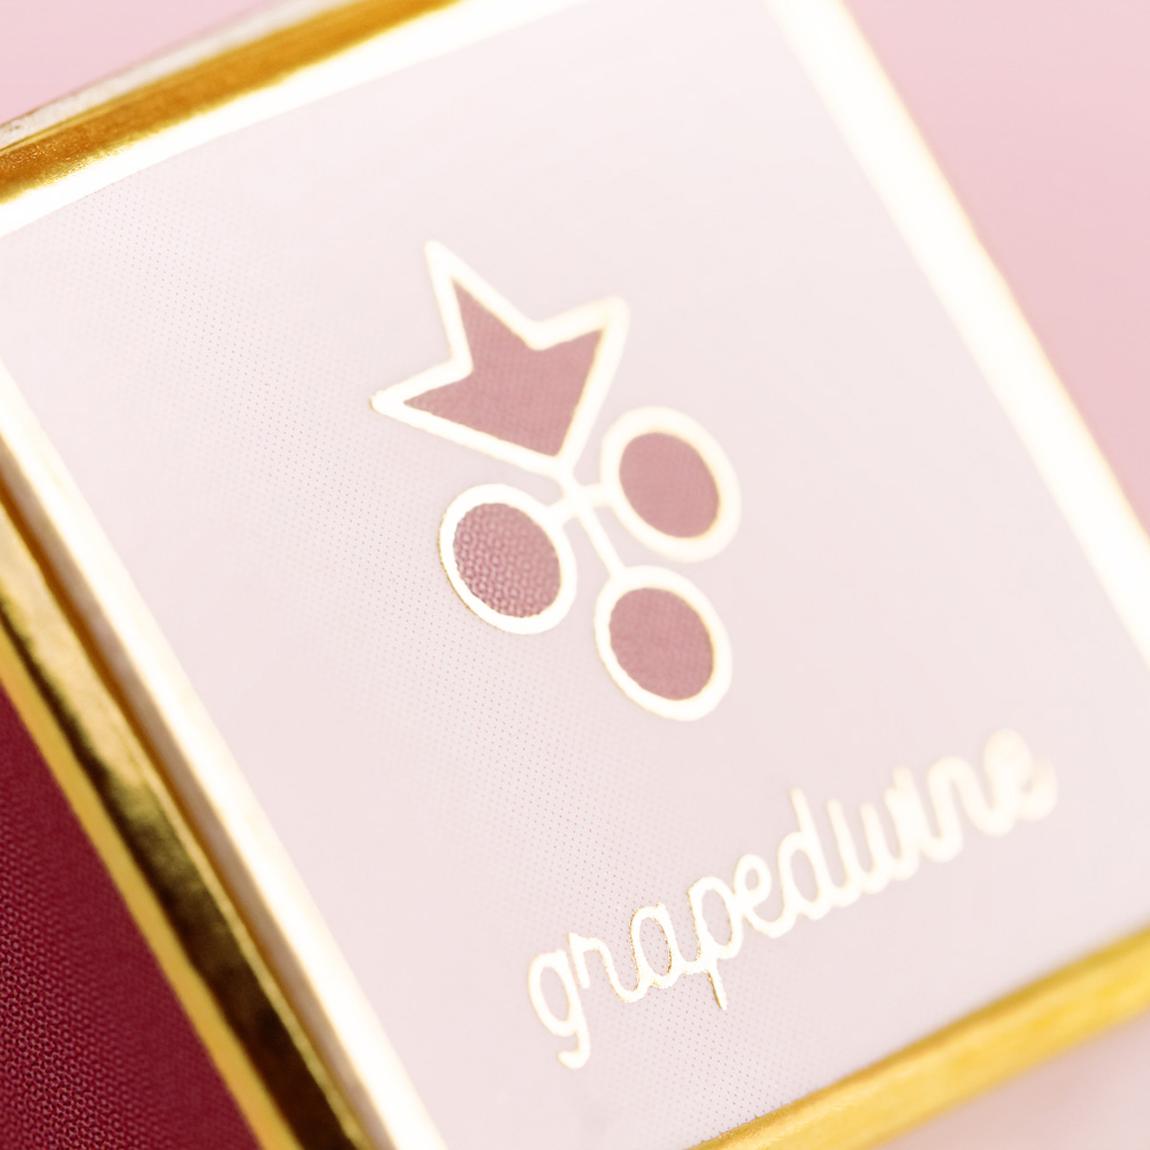 Lippino burro labbra Grapedivine Neve Cosmetics